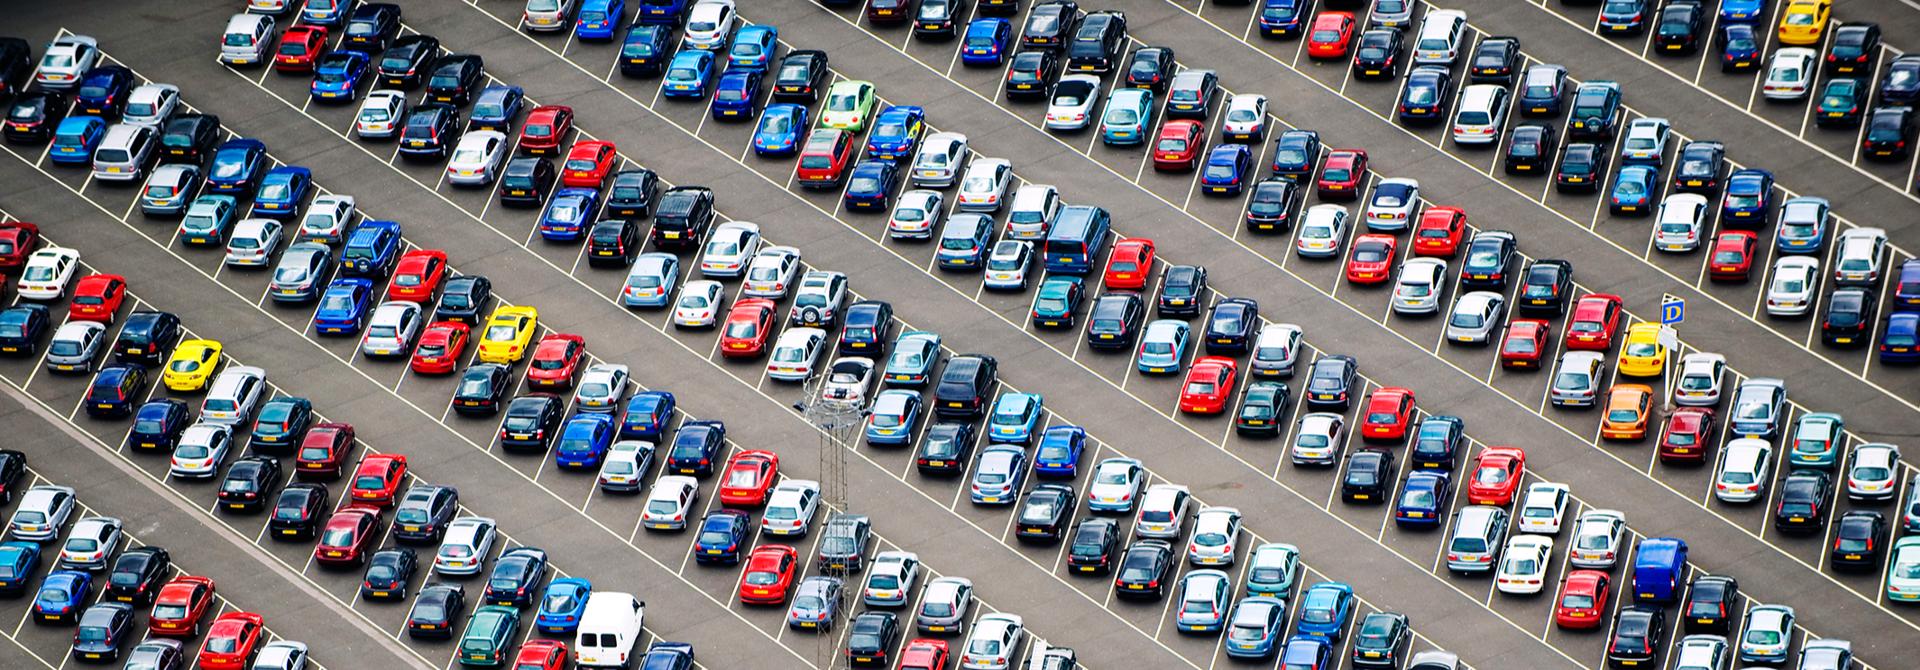 Xe ô tô màu gì bán lại được giá nhất?